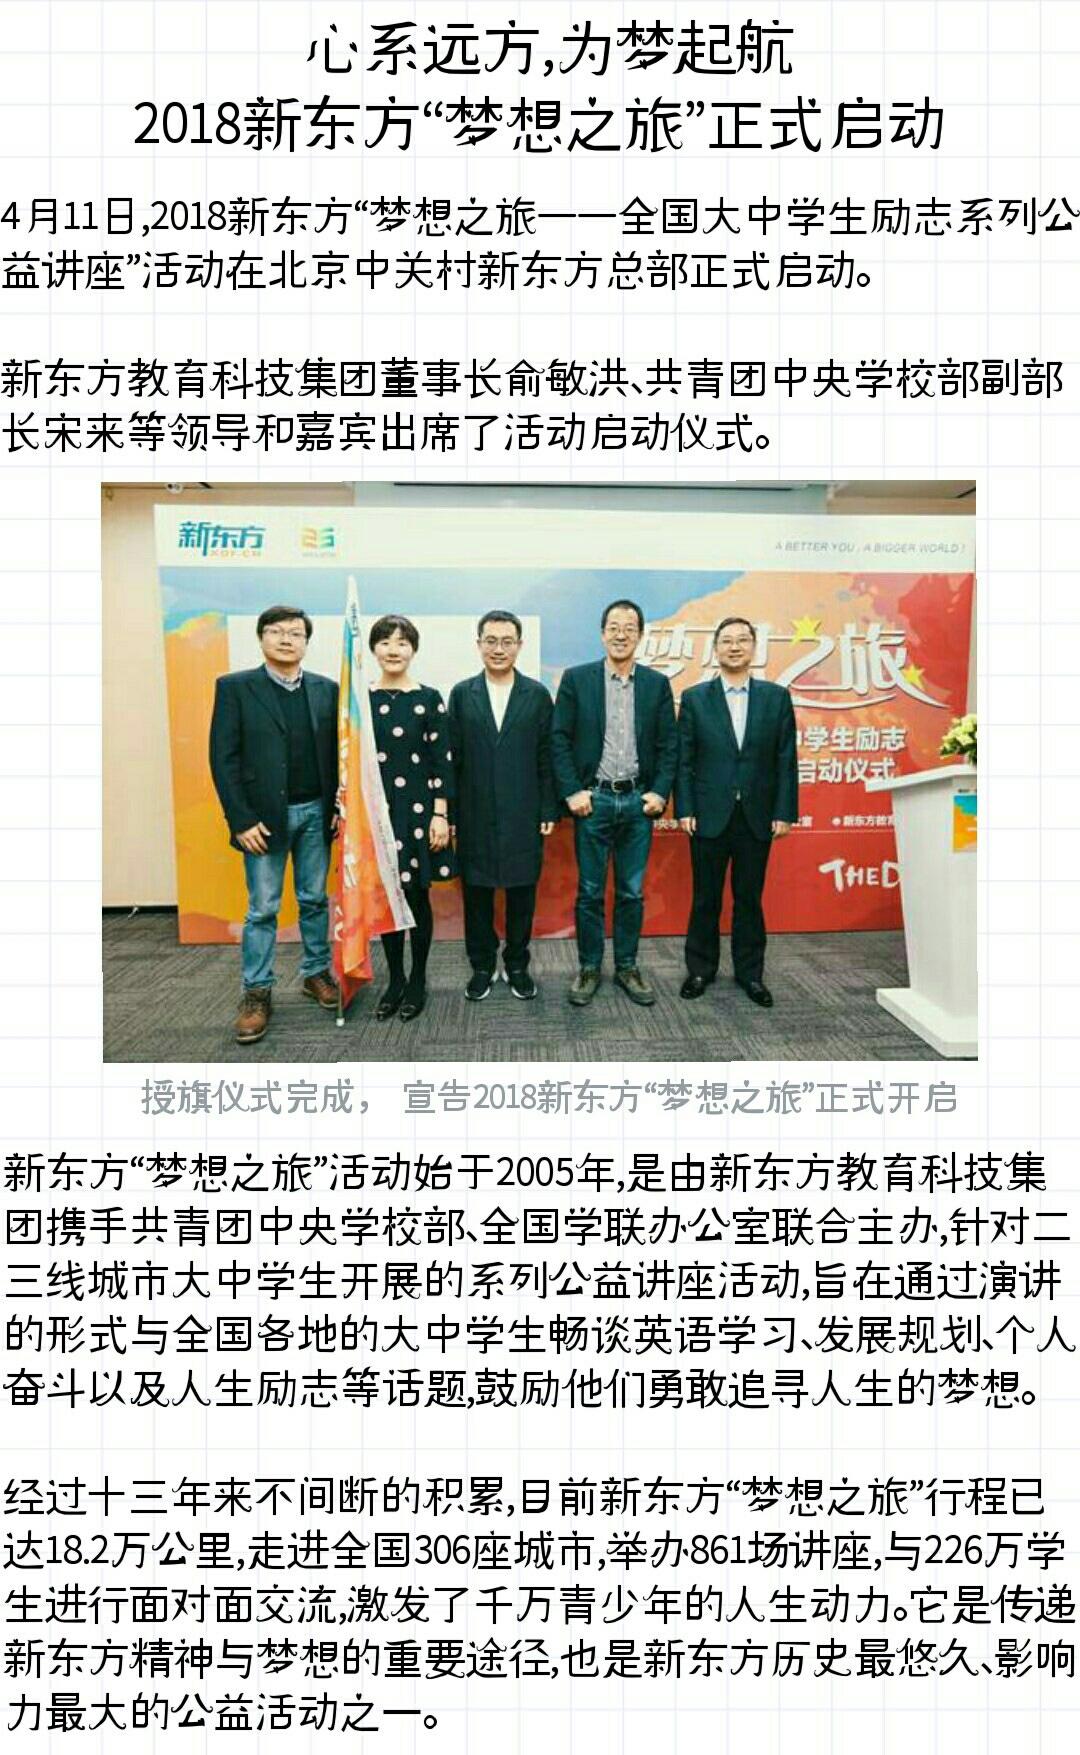 2018新东方梦想之旅正式启动